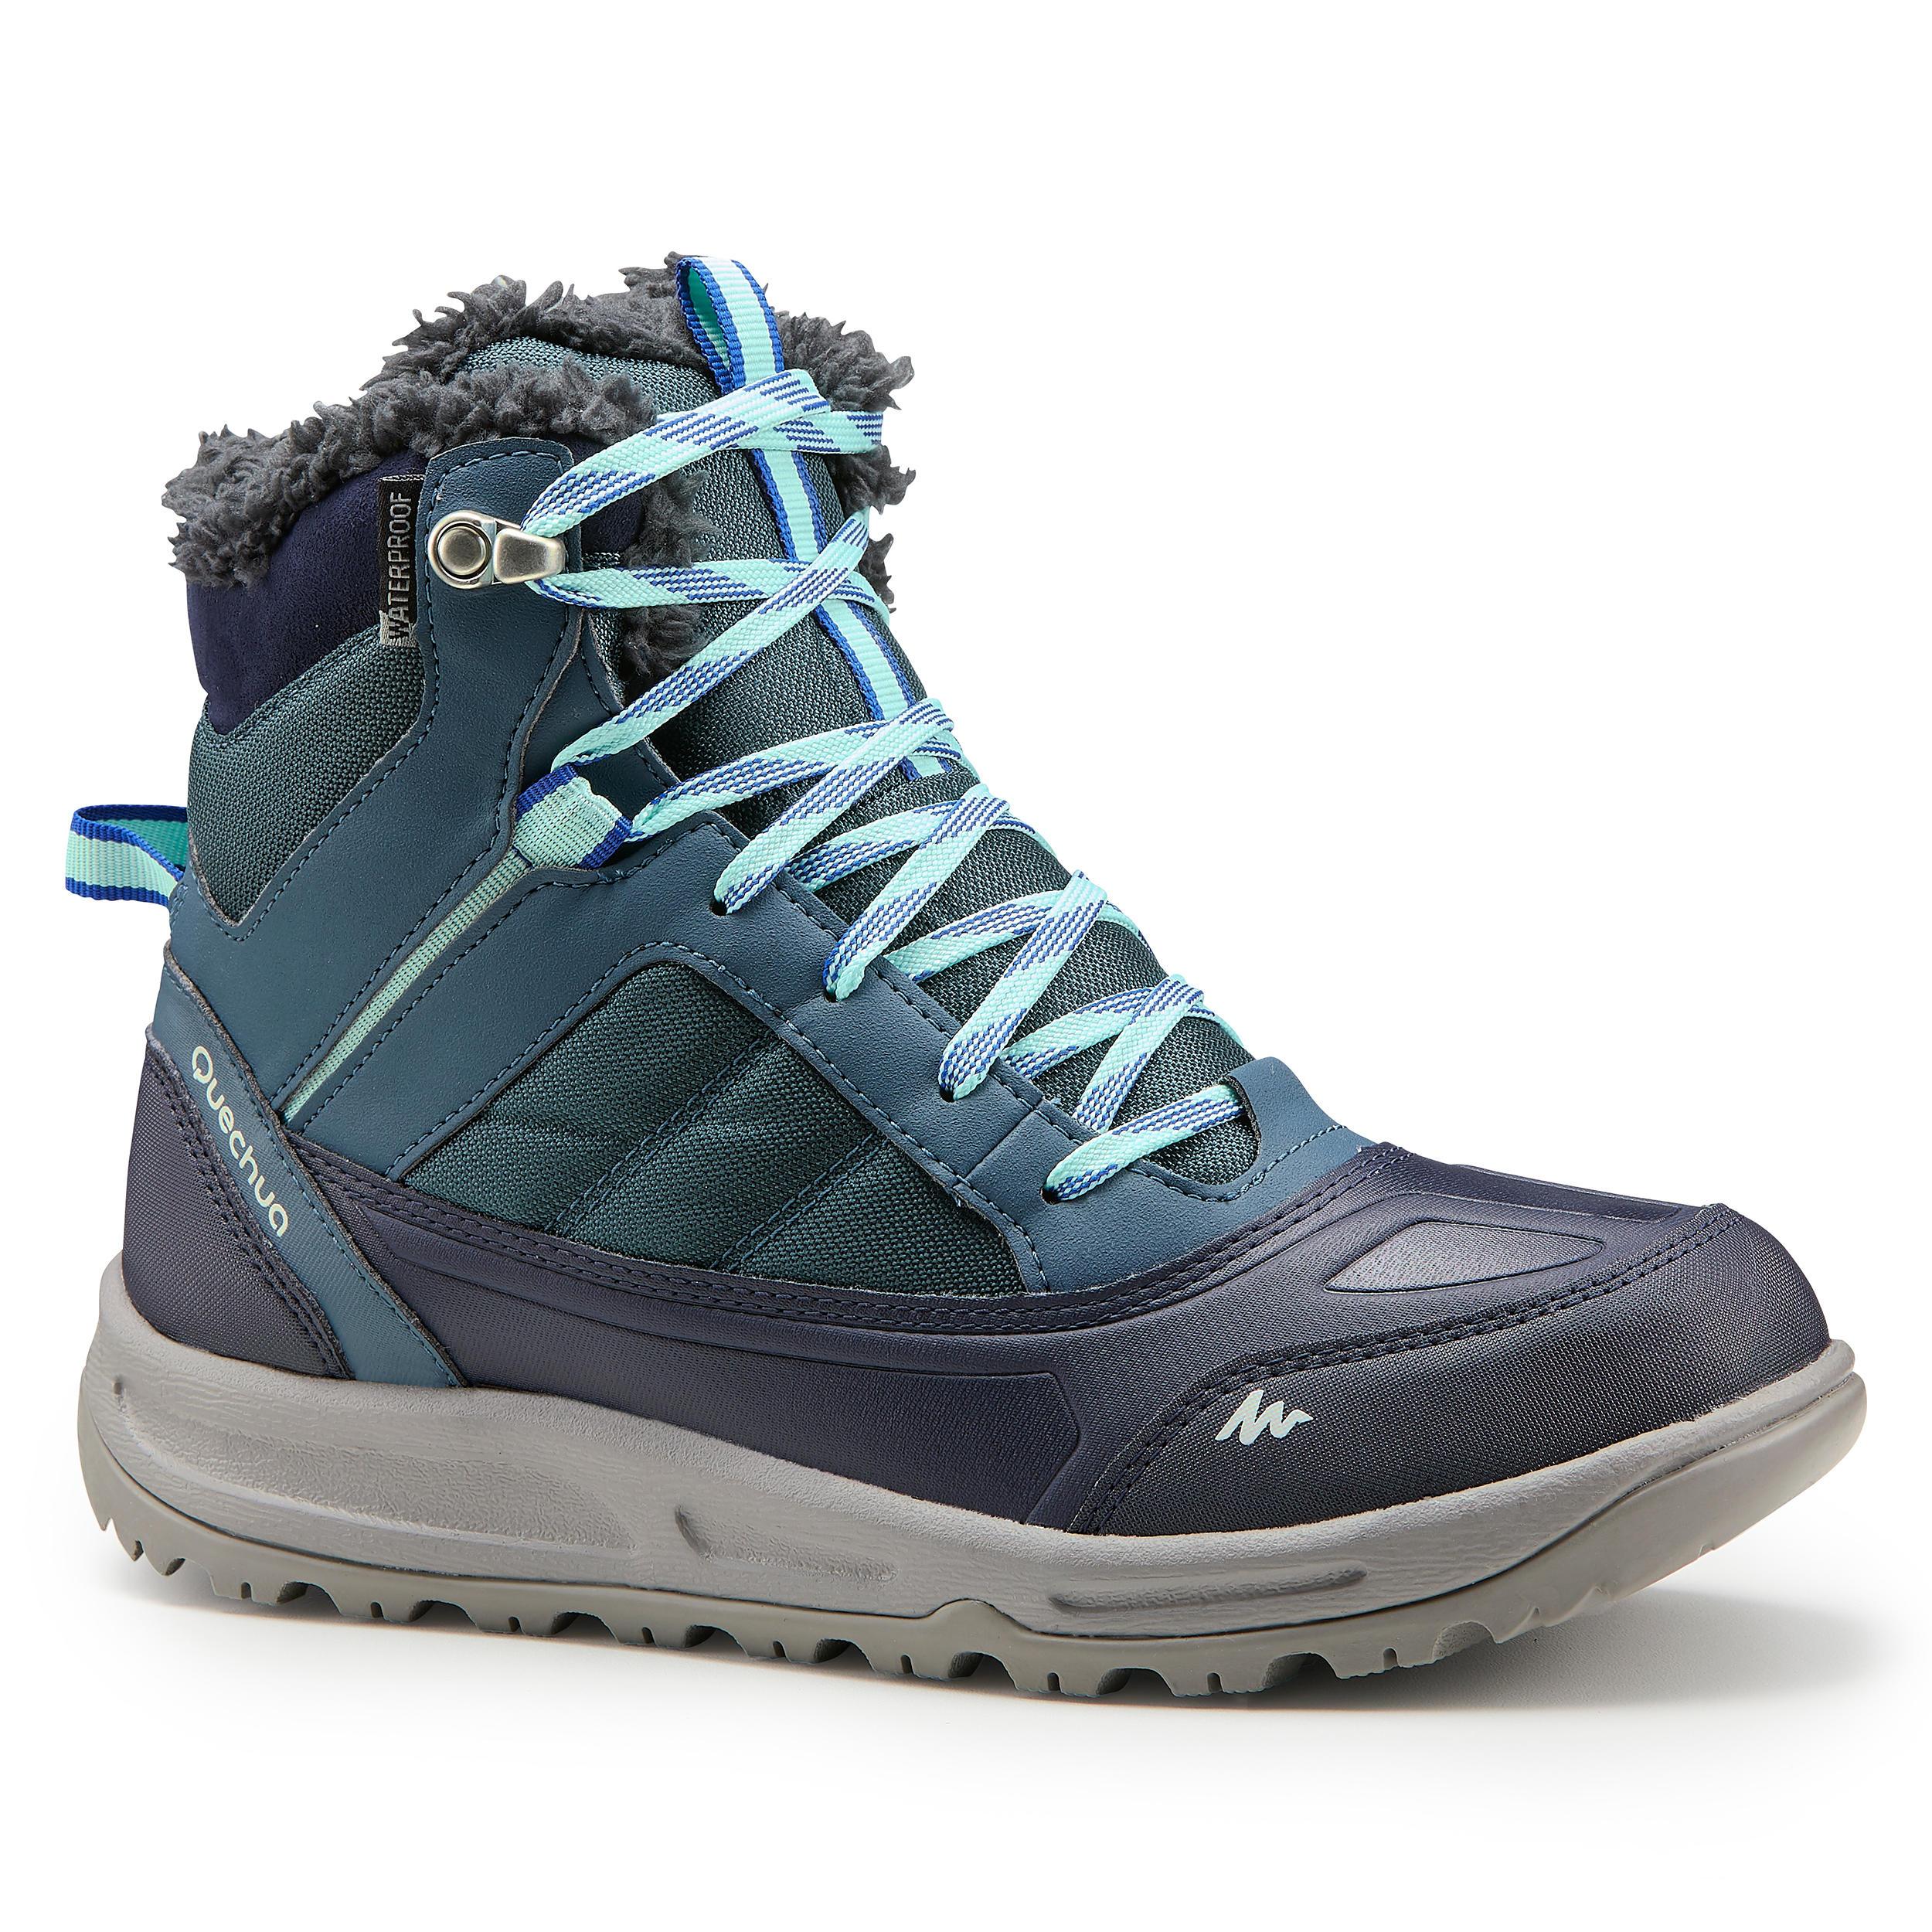 clásico Mitad de precio oferta especial Botas de senderismo nieve mujer SH120 warm mid azul.